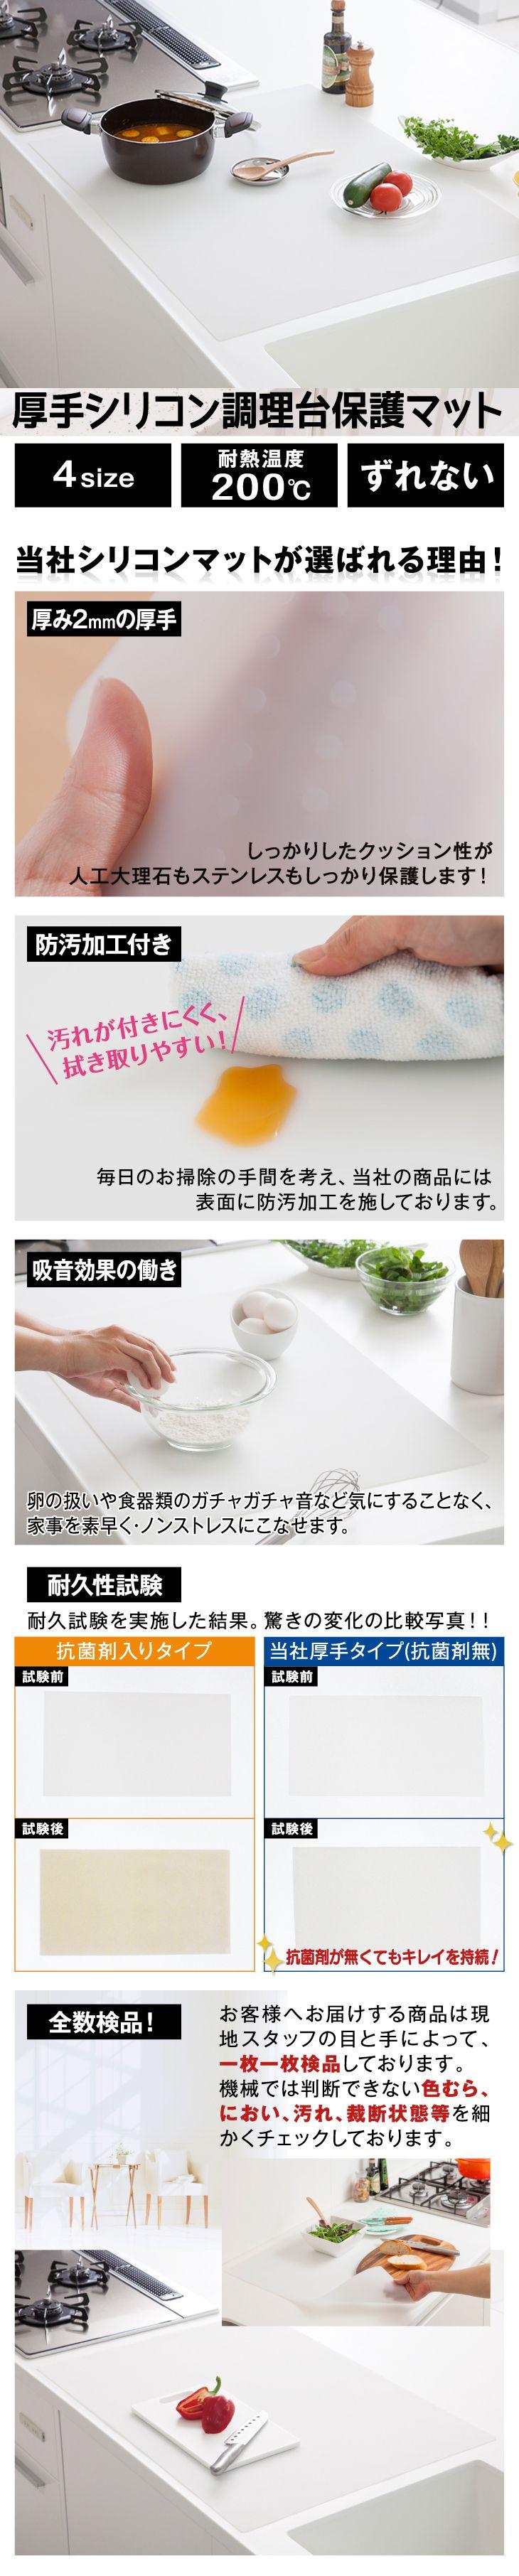 楽天市場 厚手シリコン調理台保護マット 超ビッグ 送料無料